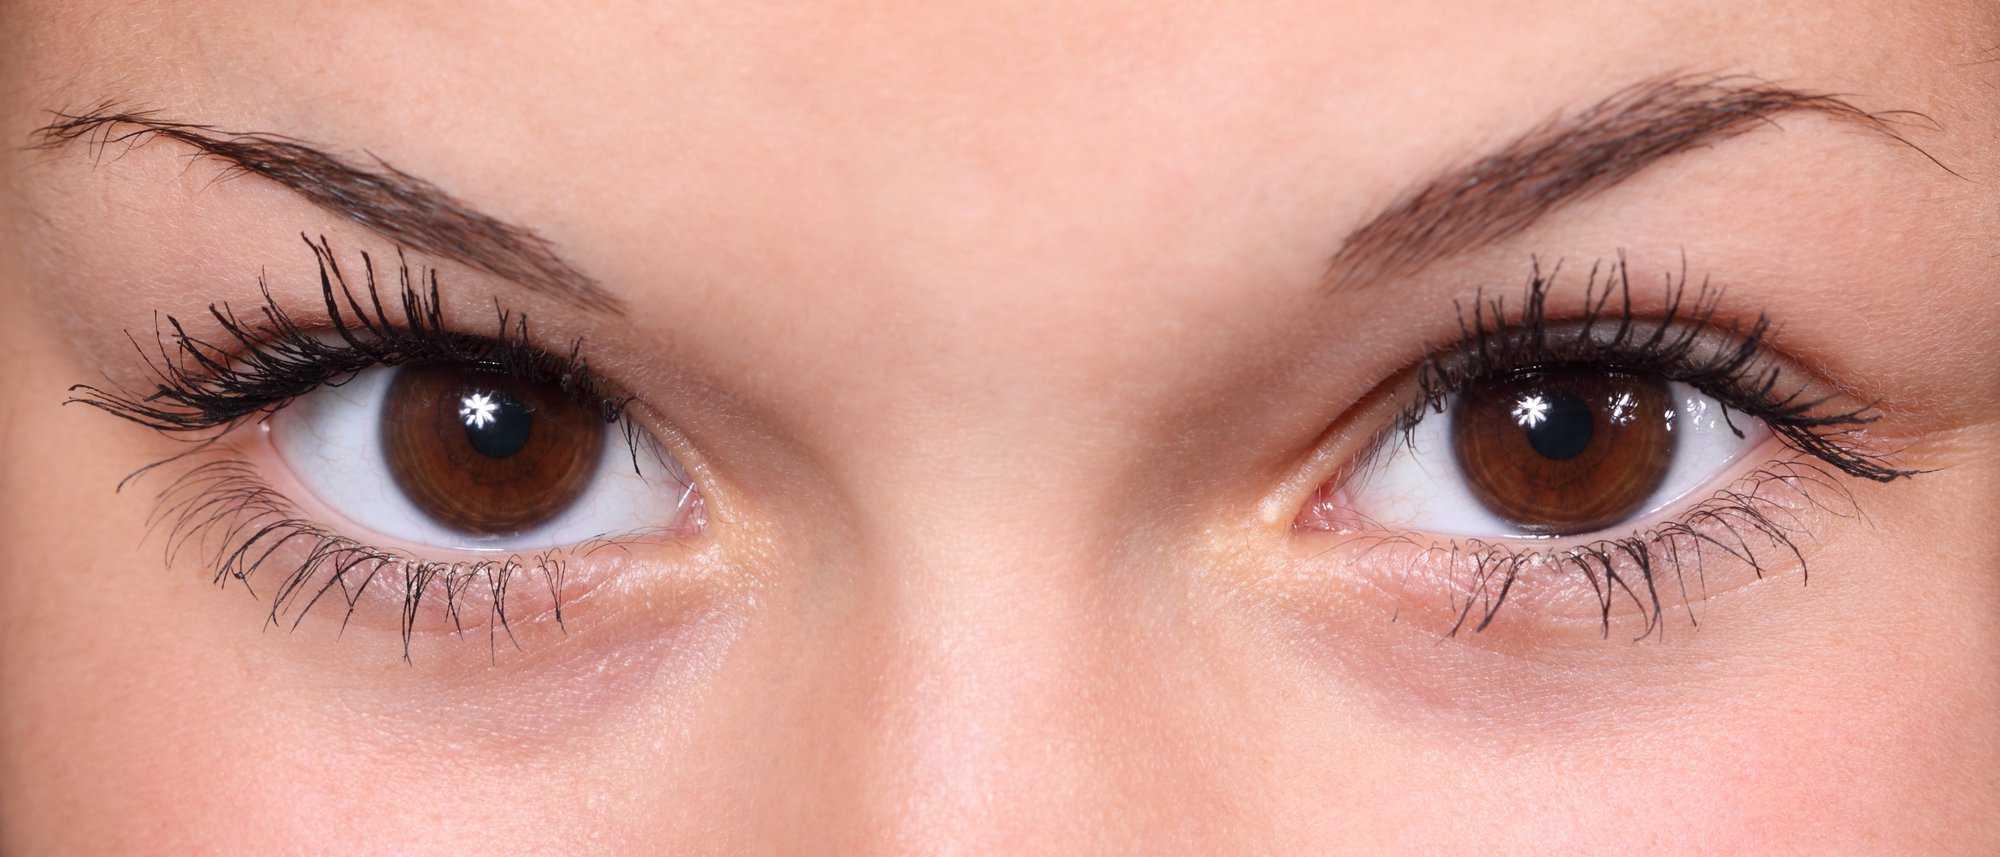 4eac260a8 أسباب عدم القدرة على فتح العين ؟ ، العين أحد أعضاء الجسم الهامة، فالعين  مصدر الرؤية، هذا بالإضافة إلى أنها السبب في جمال الوجه، لهذا يجب الاهتمام  بها، ومن ...